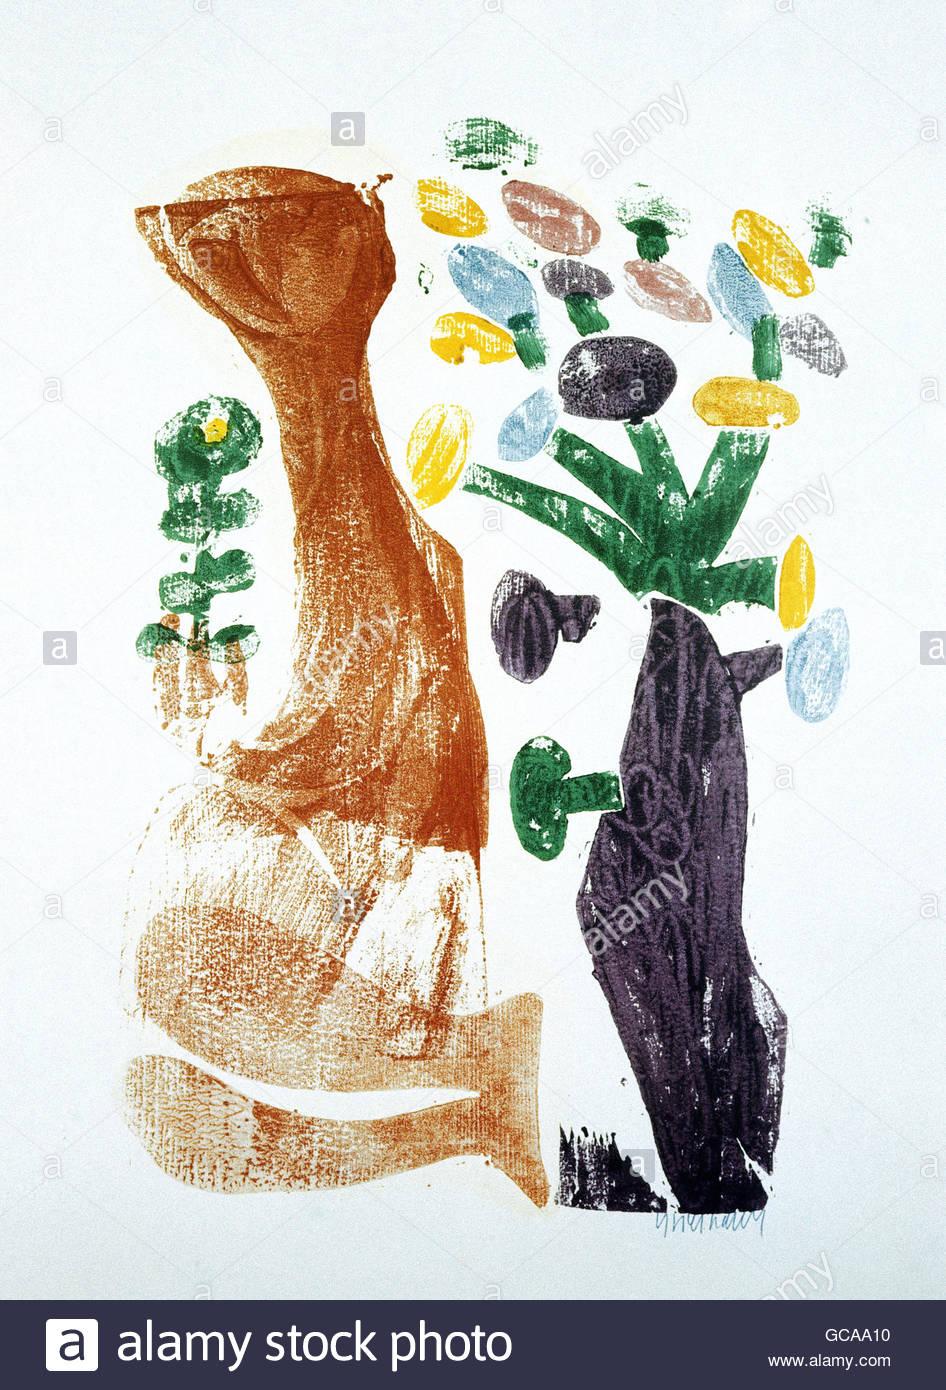 Beaux-arts, Grieshaber, HAP (1909 - 1981), gravure sur bois, 'Spring', l'artiste auteur doit aussi être Photo Stock